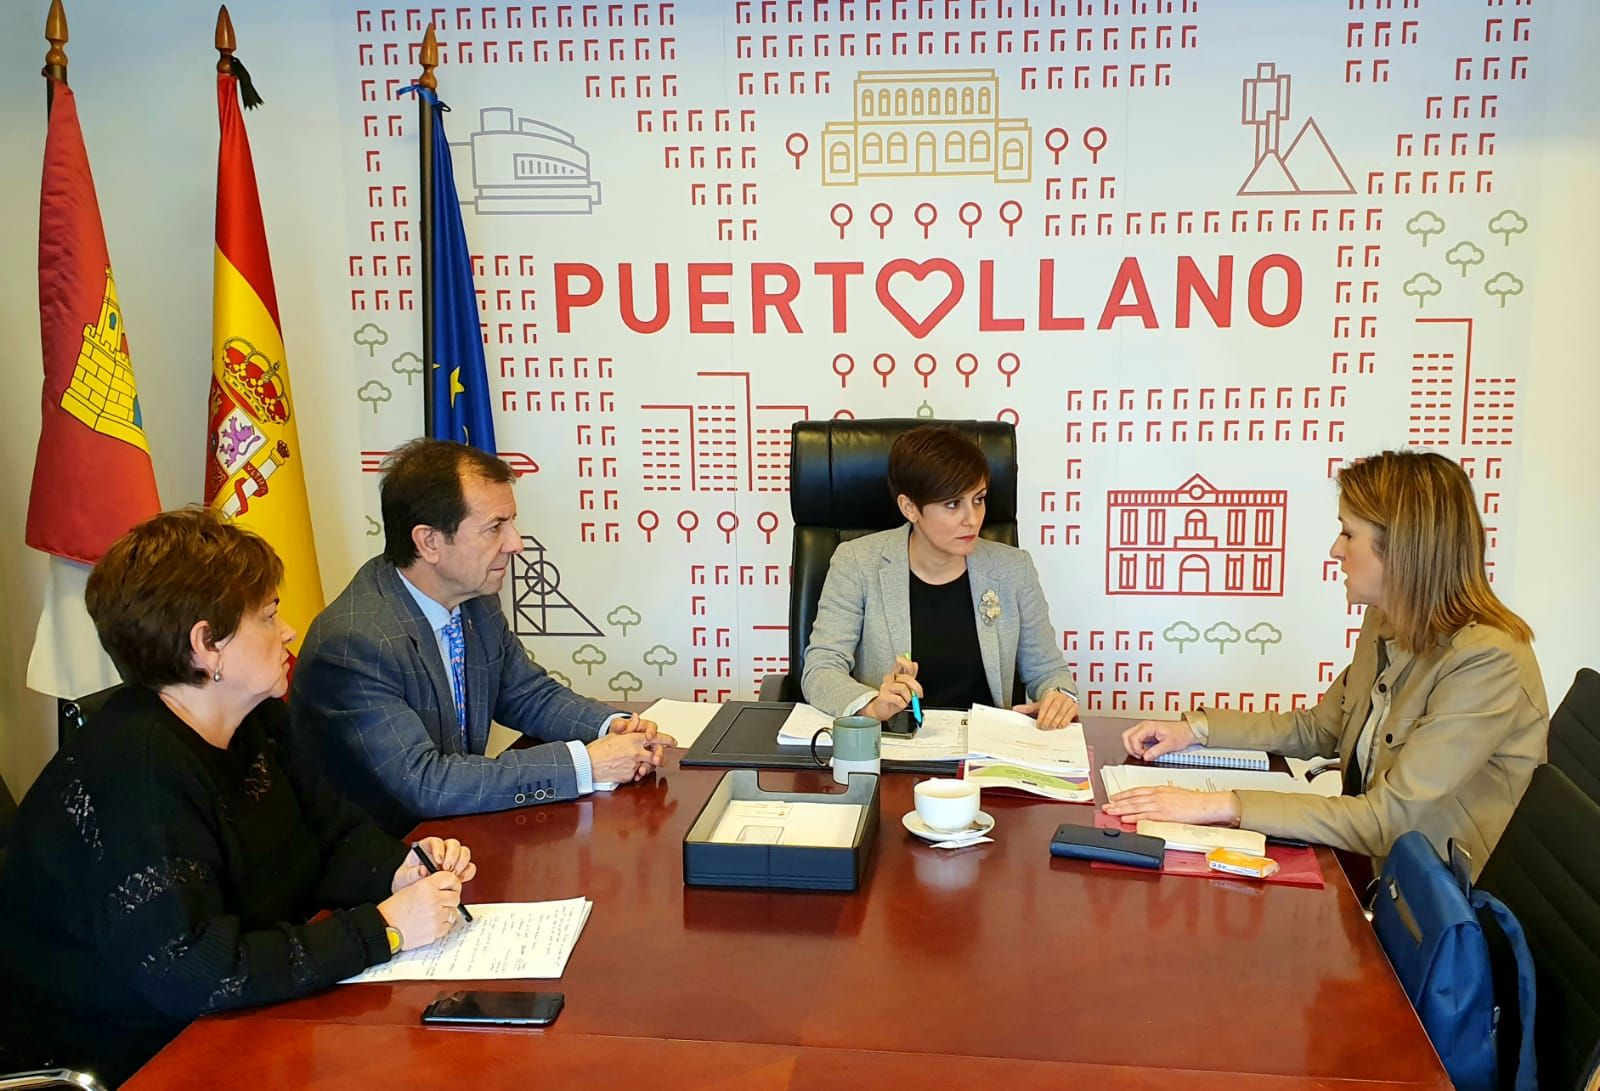 Maestre presenta en Puertollano el ambicioso Pacto Verde europeo, de 1 billón de euros, al que se podrán acoger España y Castilla-La Mancha